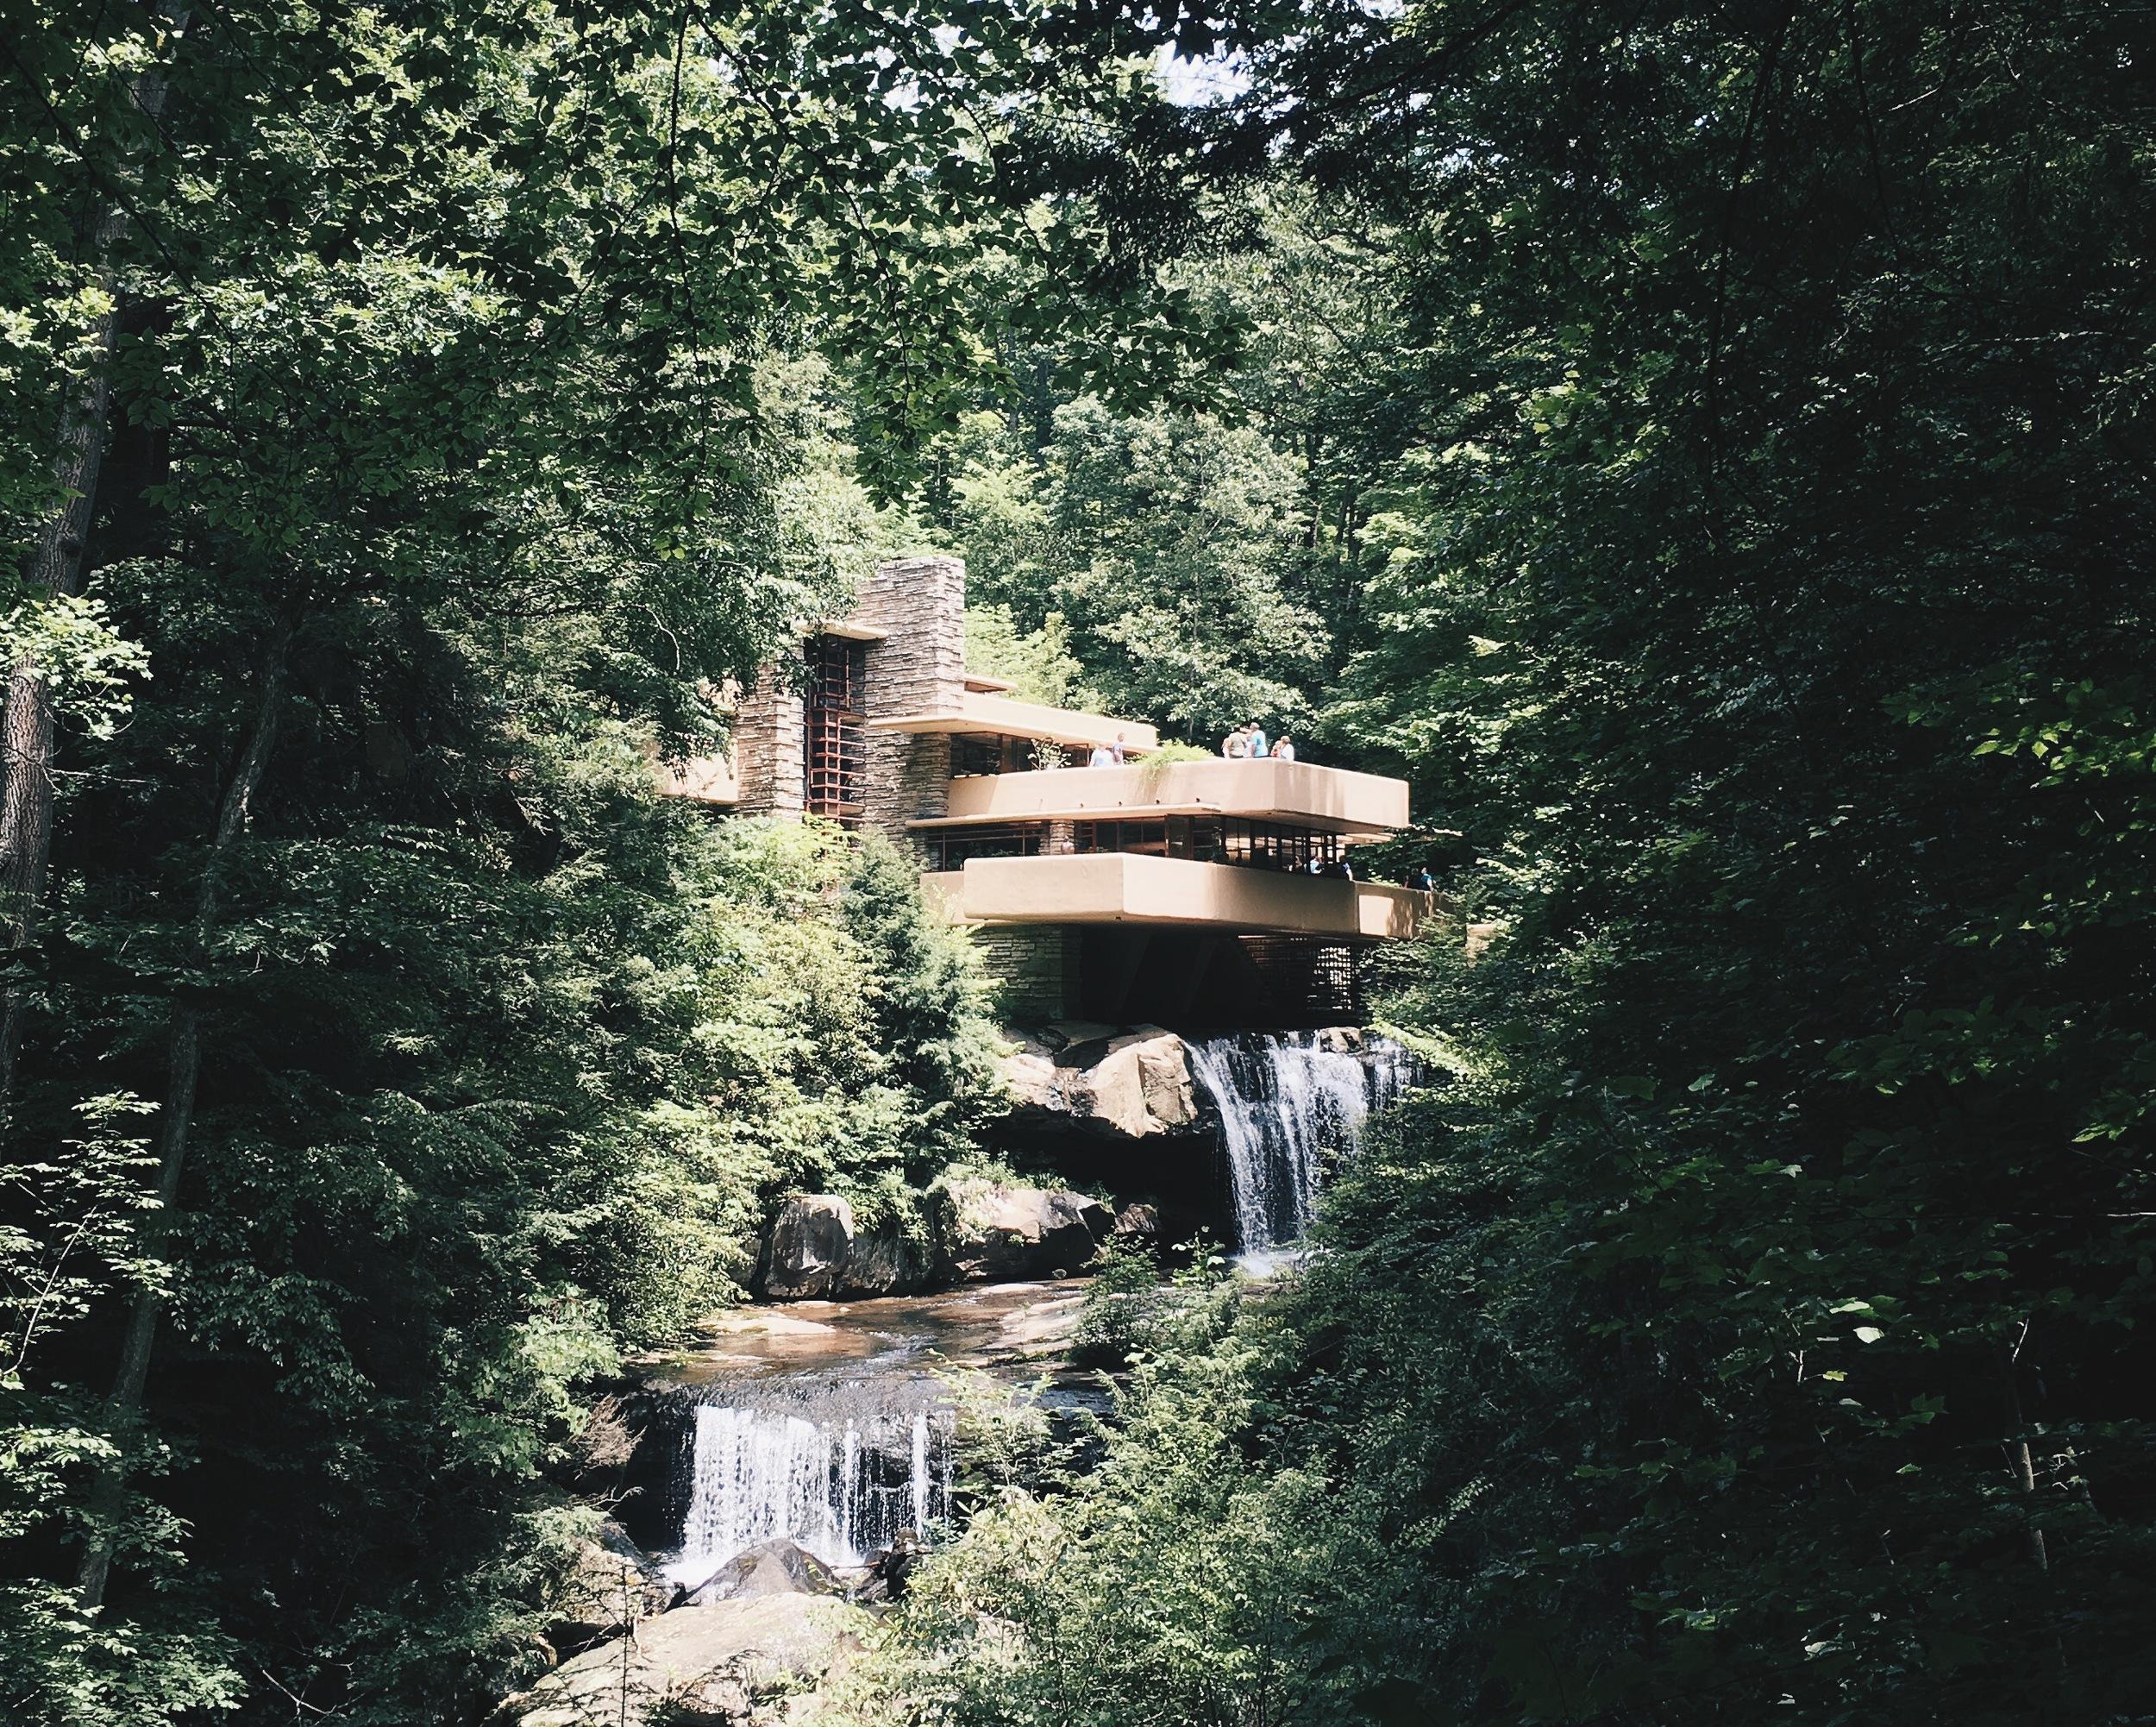 pennsylvania   fallingwater by frank lloyd wright